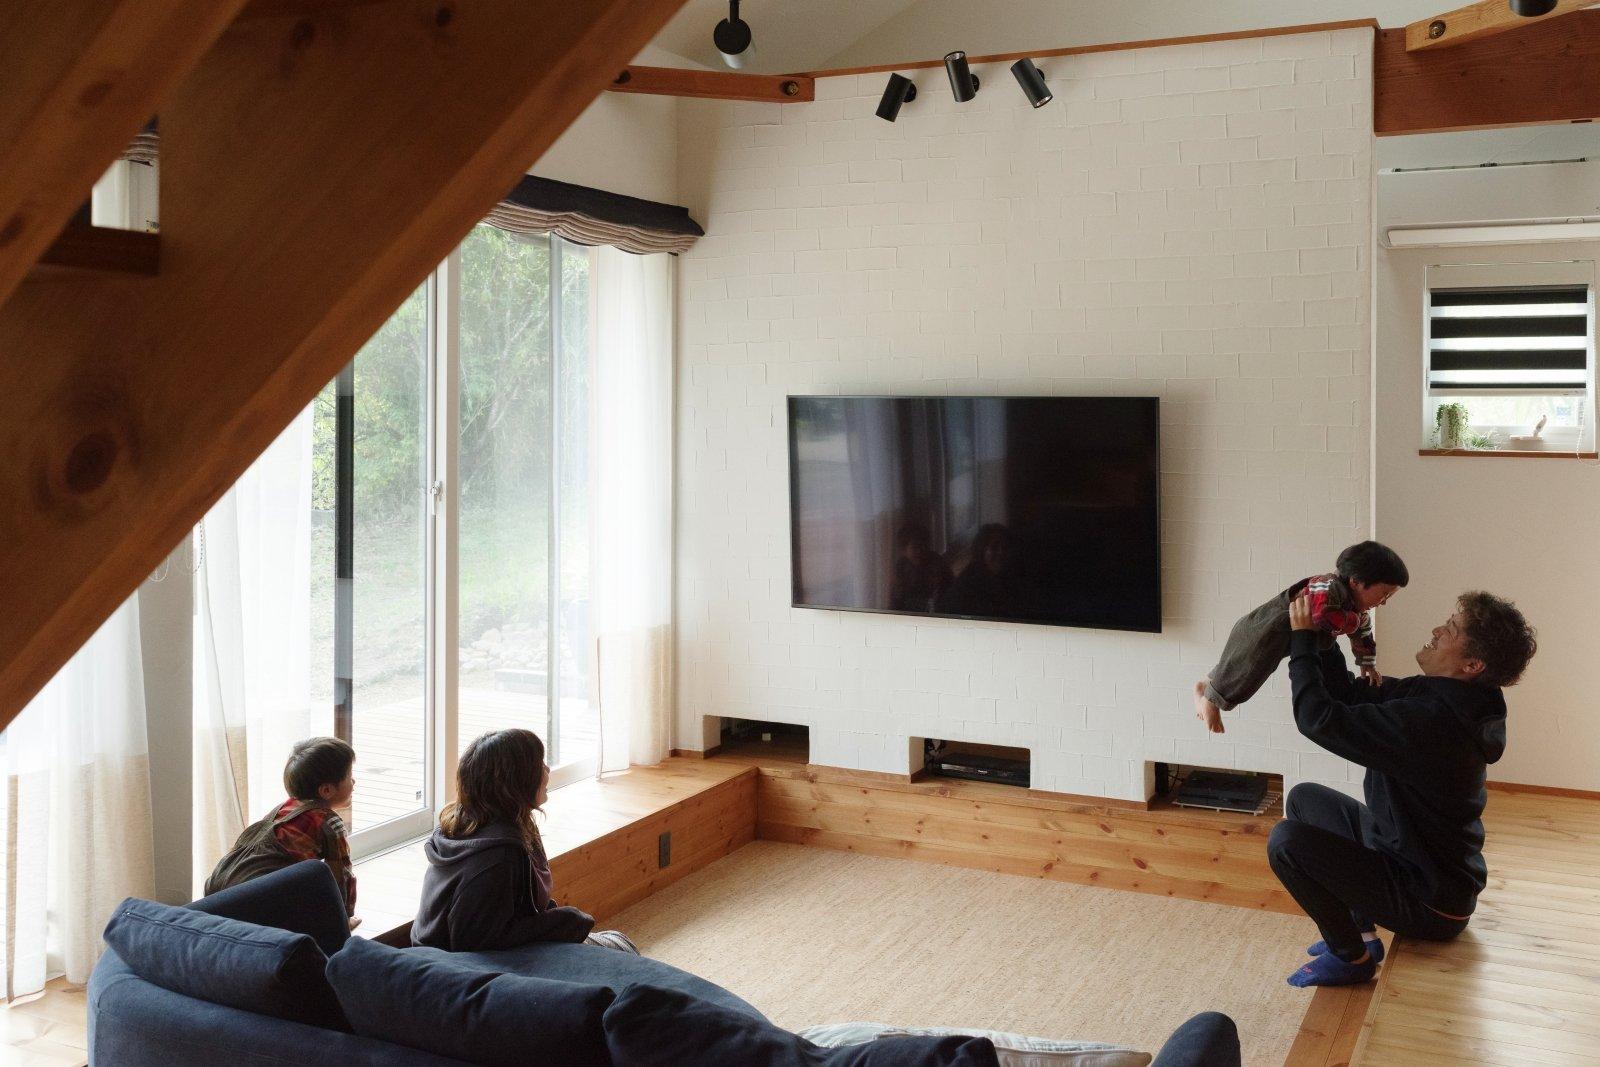 壁掛けテレビでボードを置かない